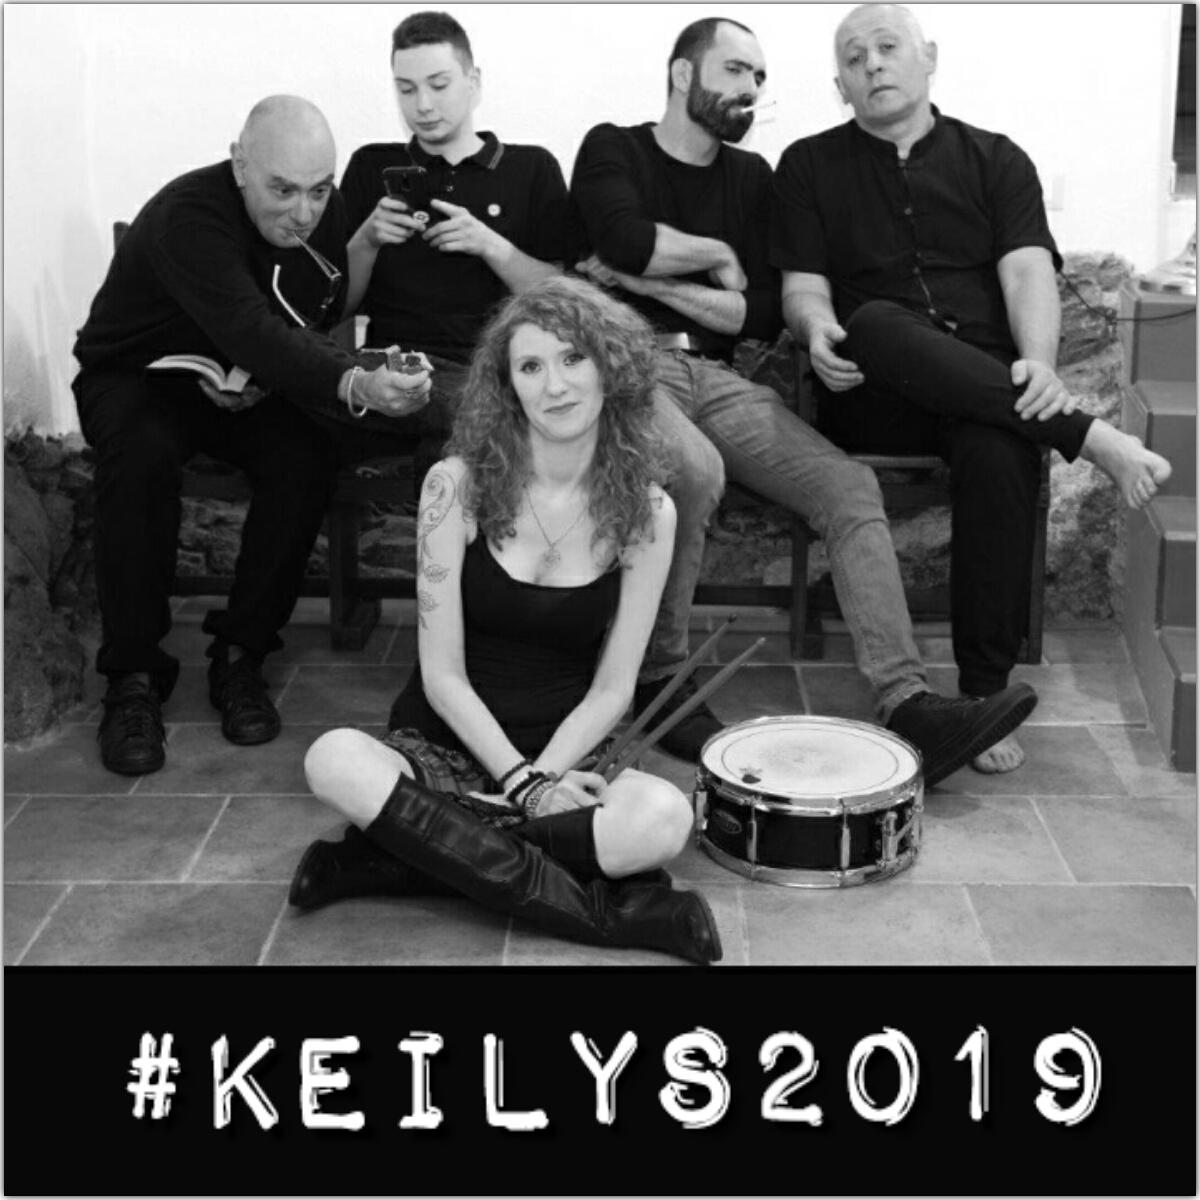 Keilys Folk Picture